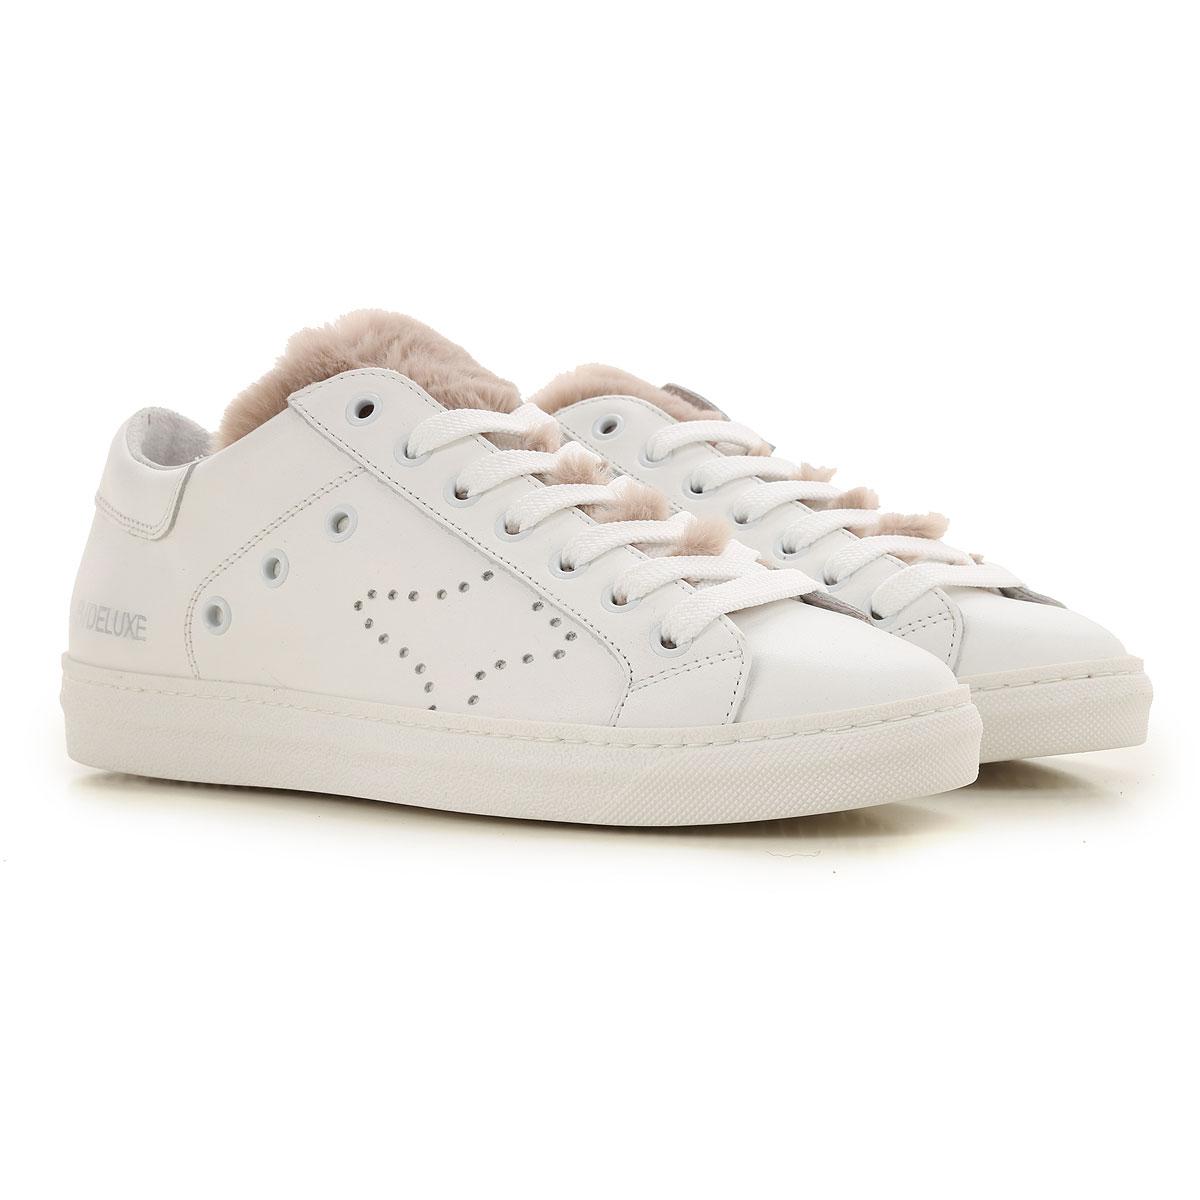 Ama Brand Sneaker Femme Pas cher en Soldes, Blanc, Cuir, 2017, 36 37 38 40